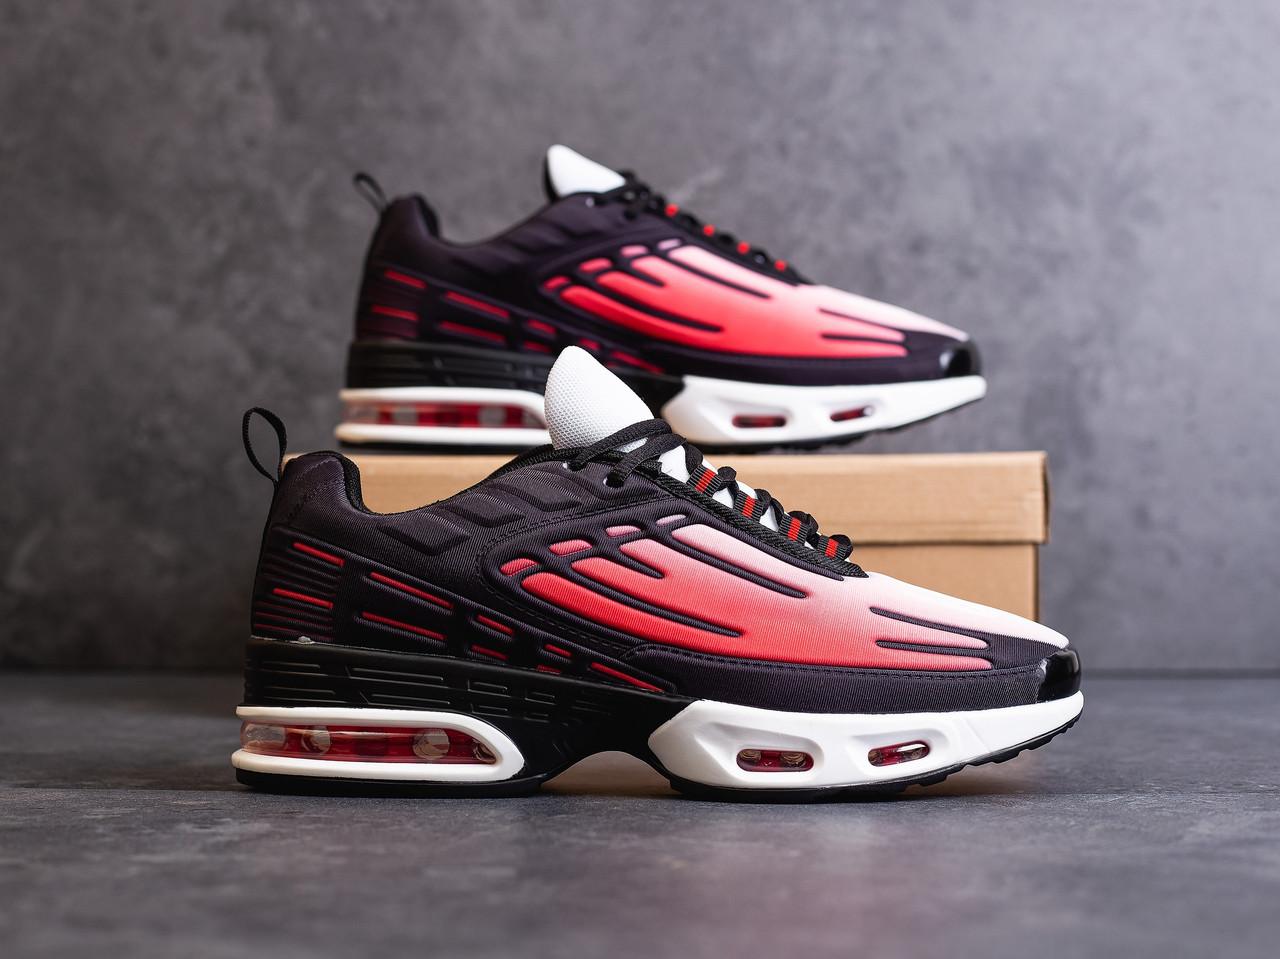 Красные мужские кроссовки молодежные текстильные кросовки красные с черным